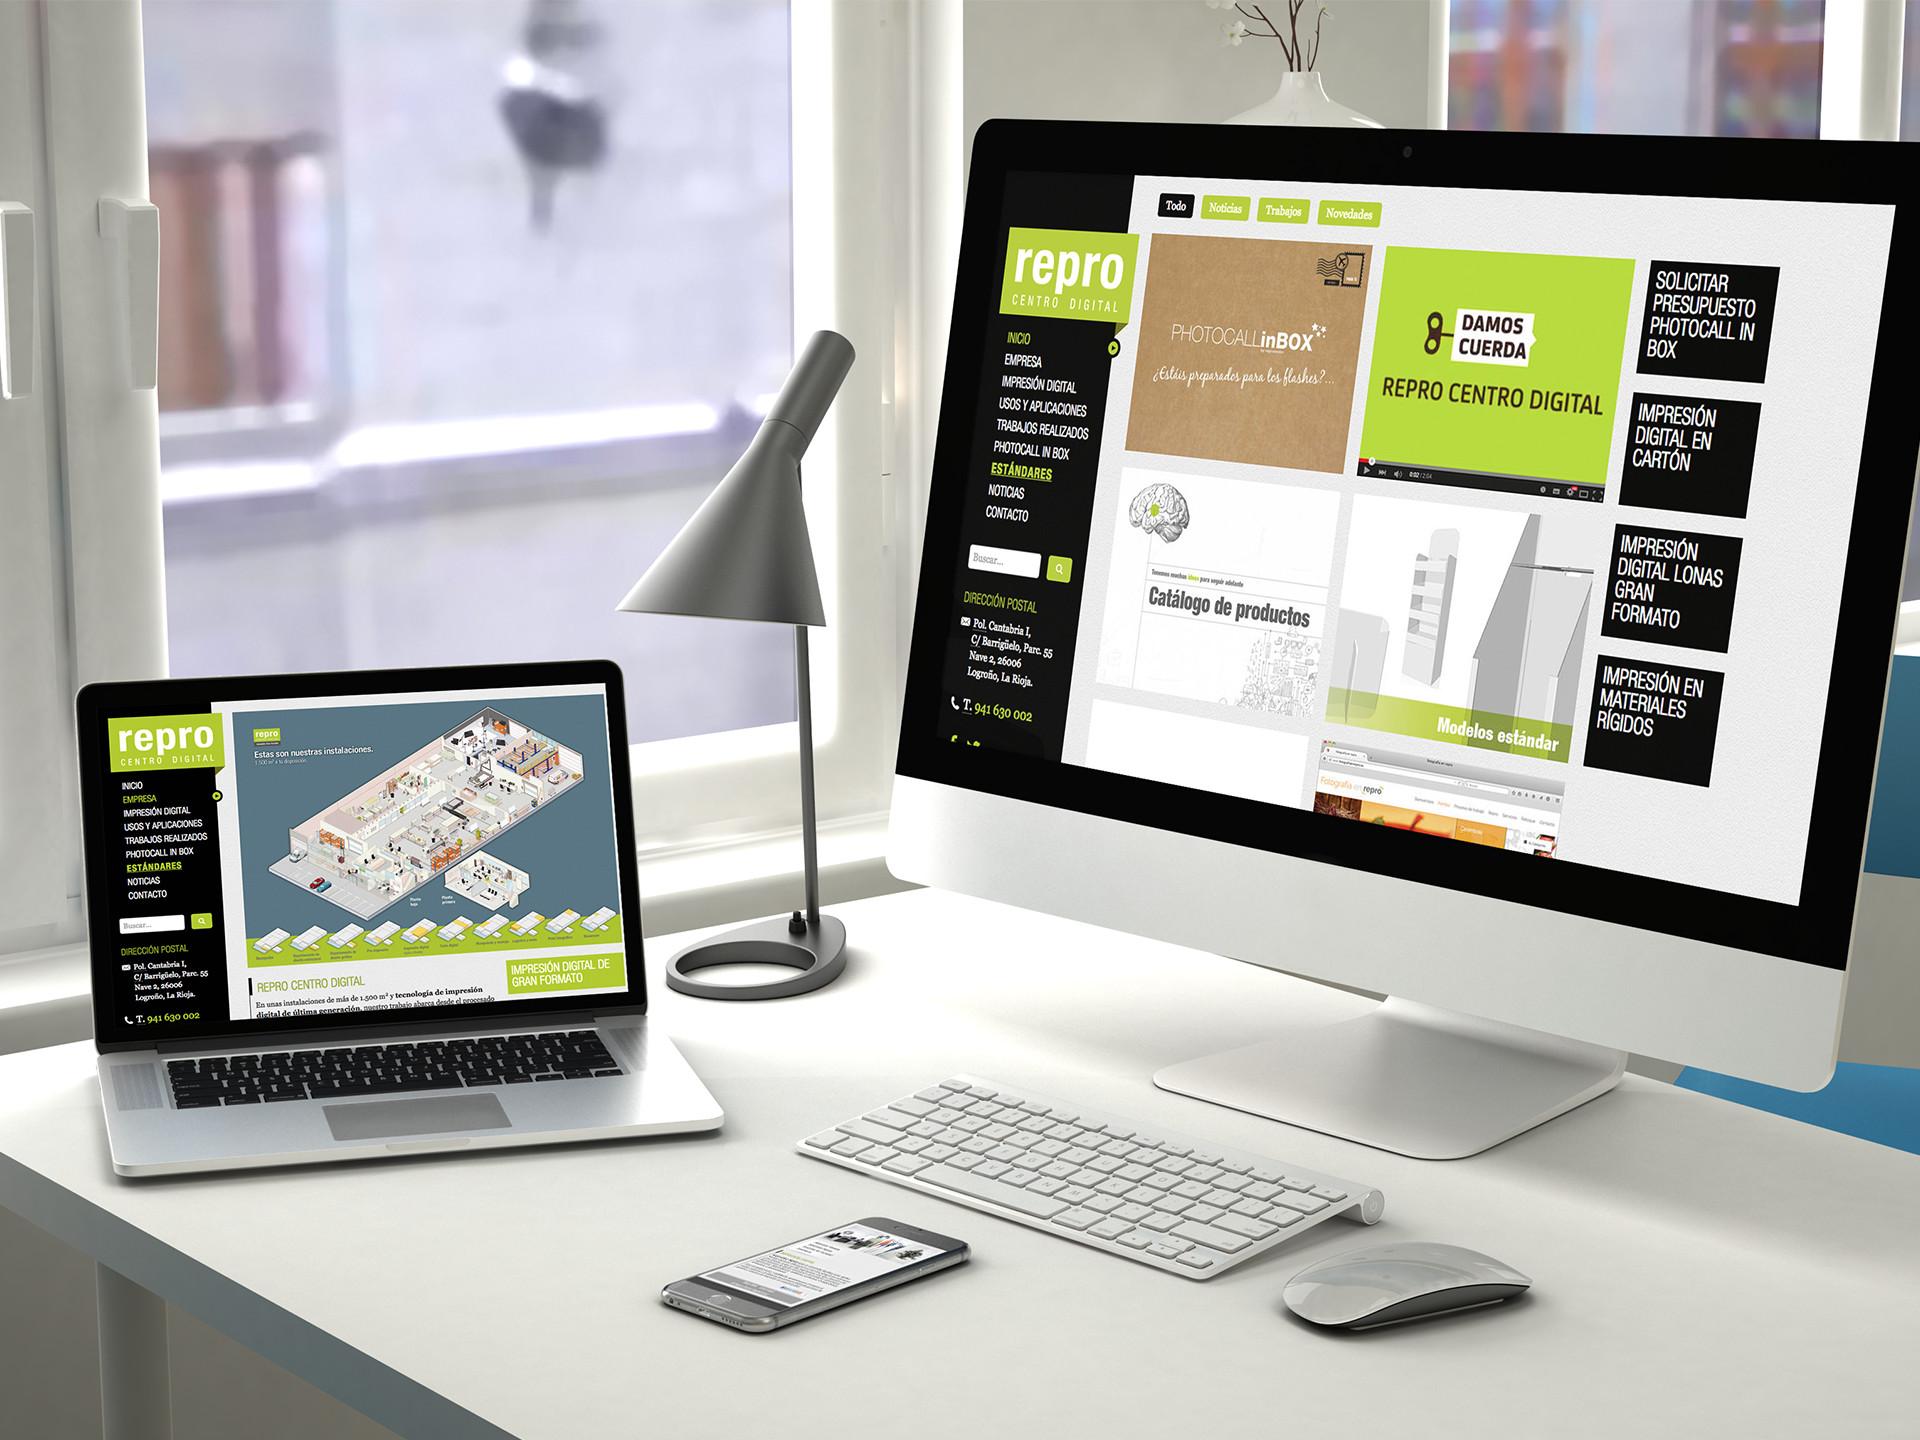 diseño web responsive typo3